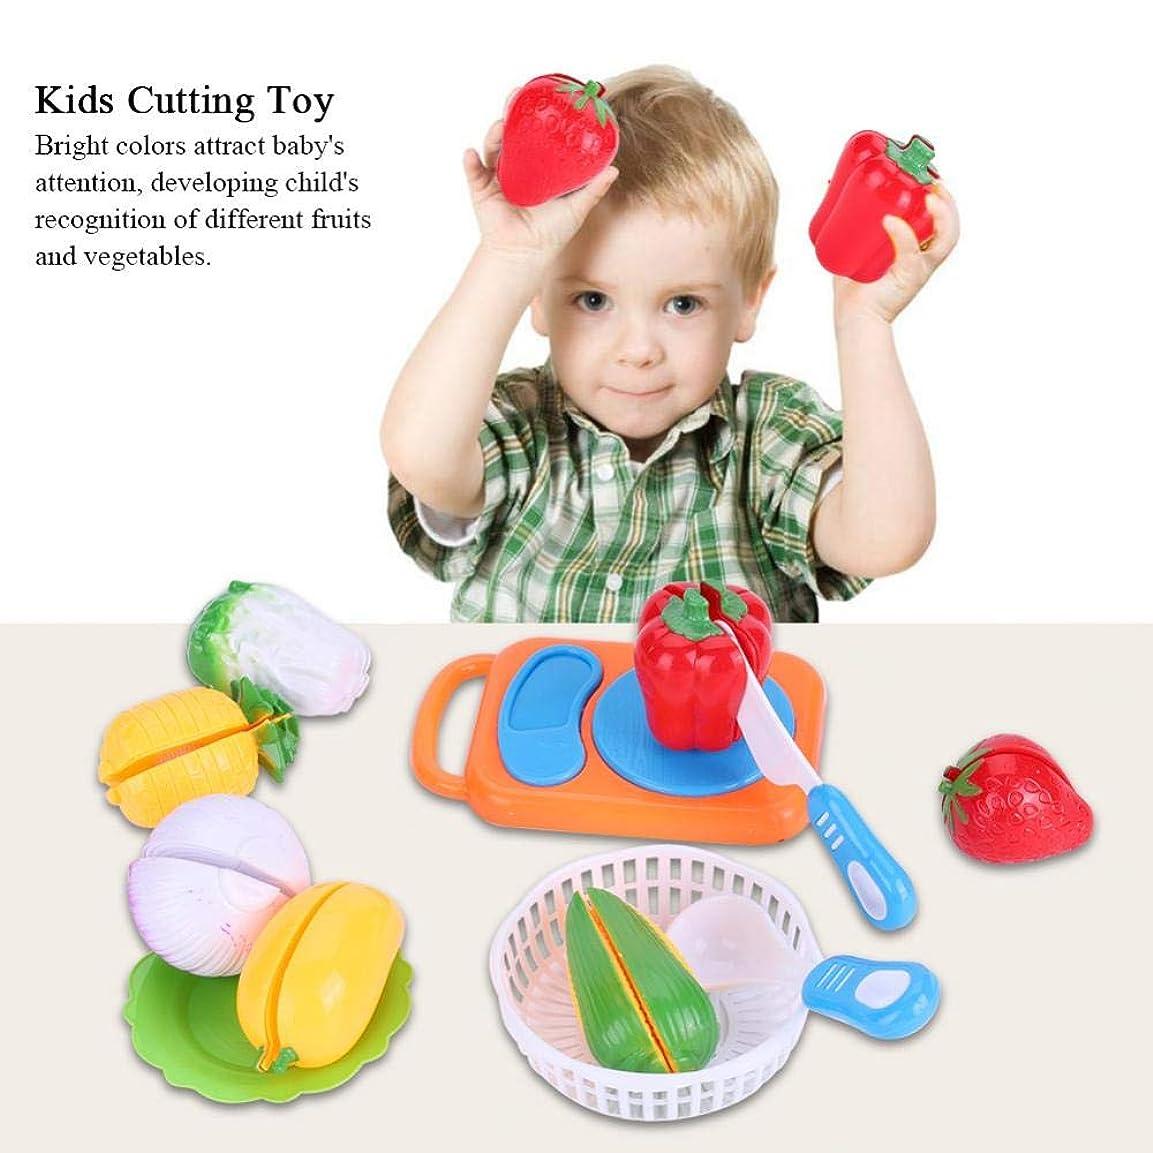 前兆影のあるペチコートSimlug キッズフードカットおもちゃセット、12個/セット面白いキッズフードカットおもちゃロールプレイキッチンフルーツ野菜おもちゃ